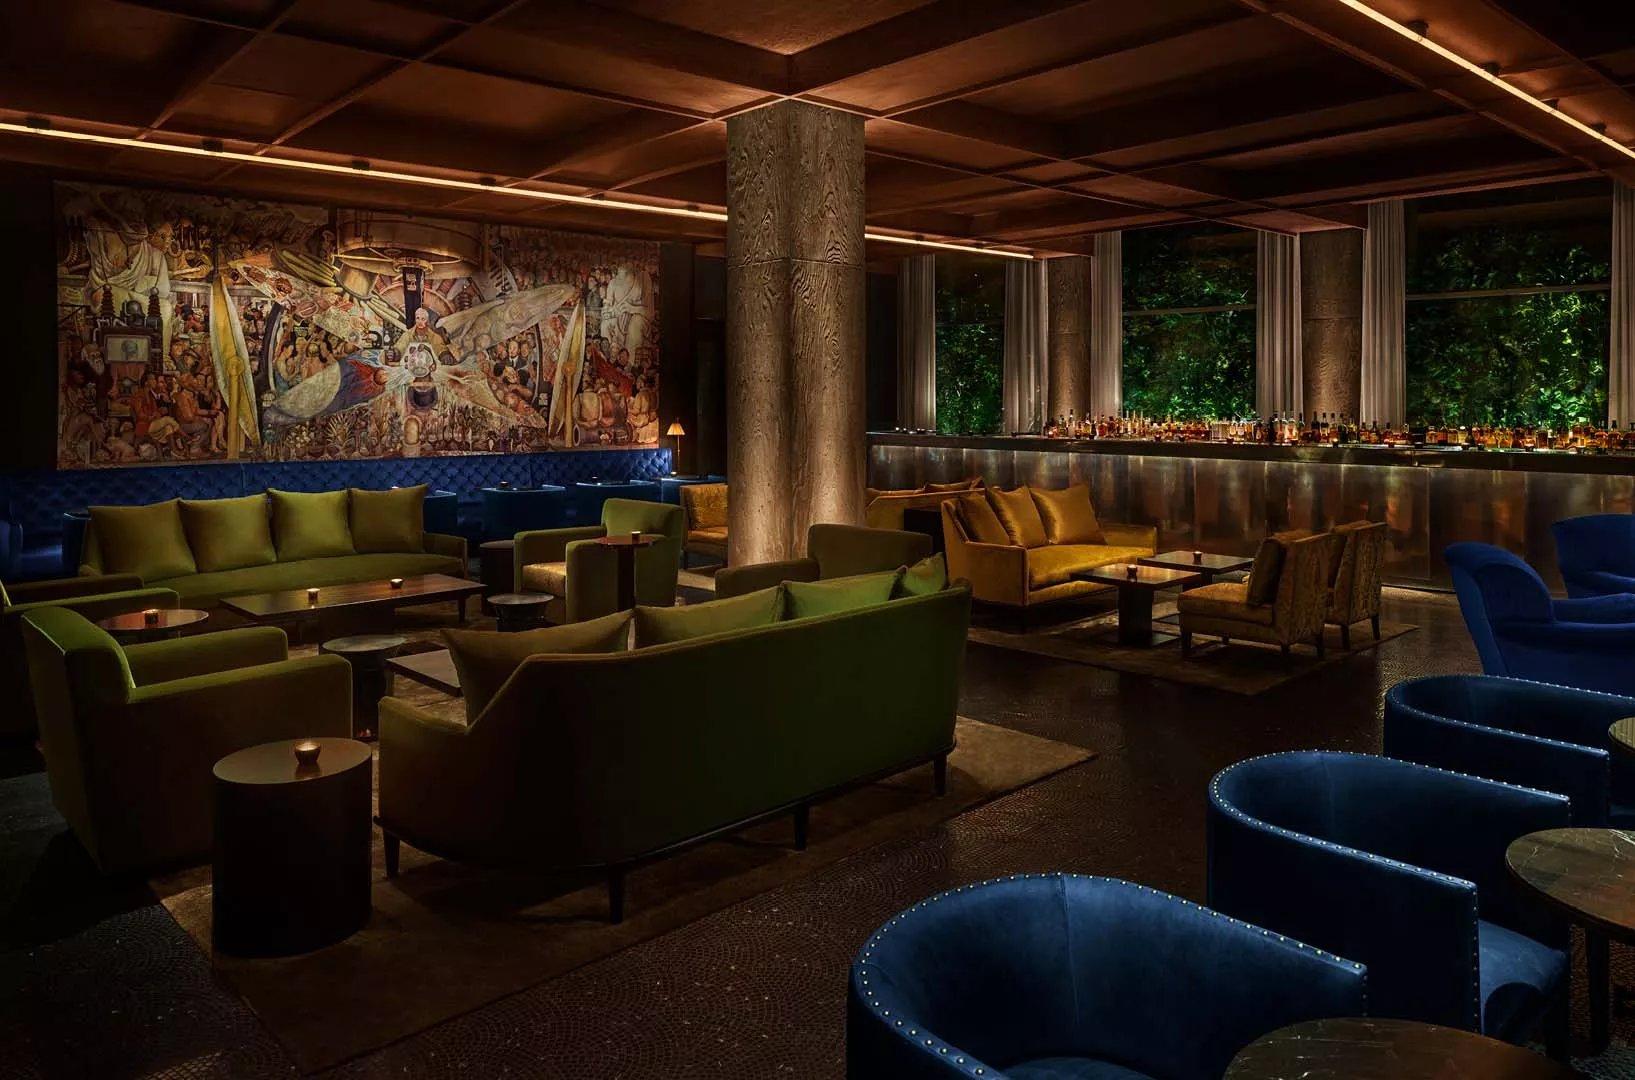 Das wohl angesagteste Hotel in SoHo, NYC: Das Public Hotel von Studio 54-Gründer Ian Schrager 7